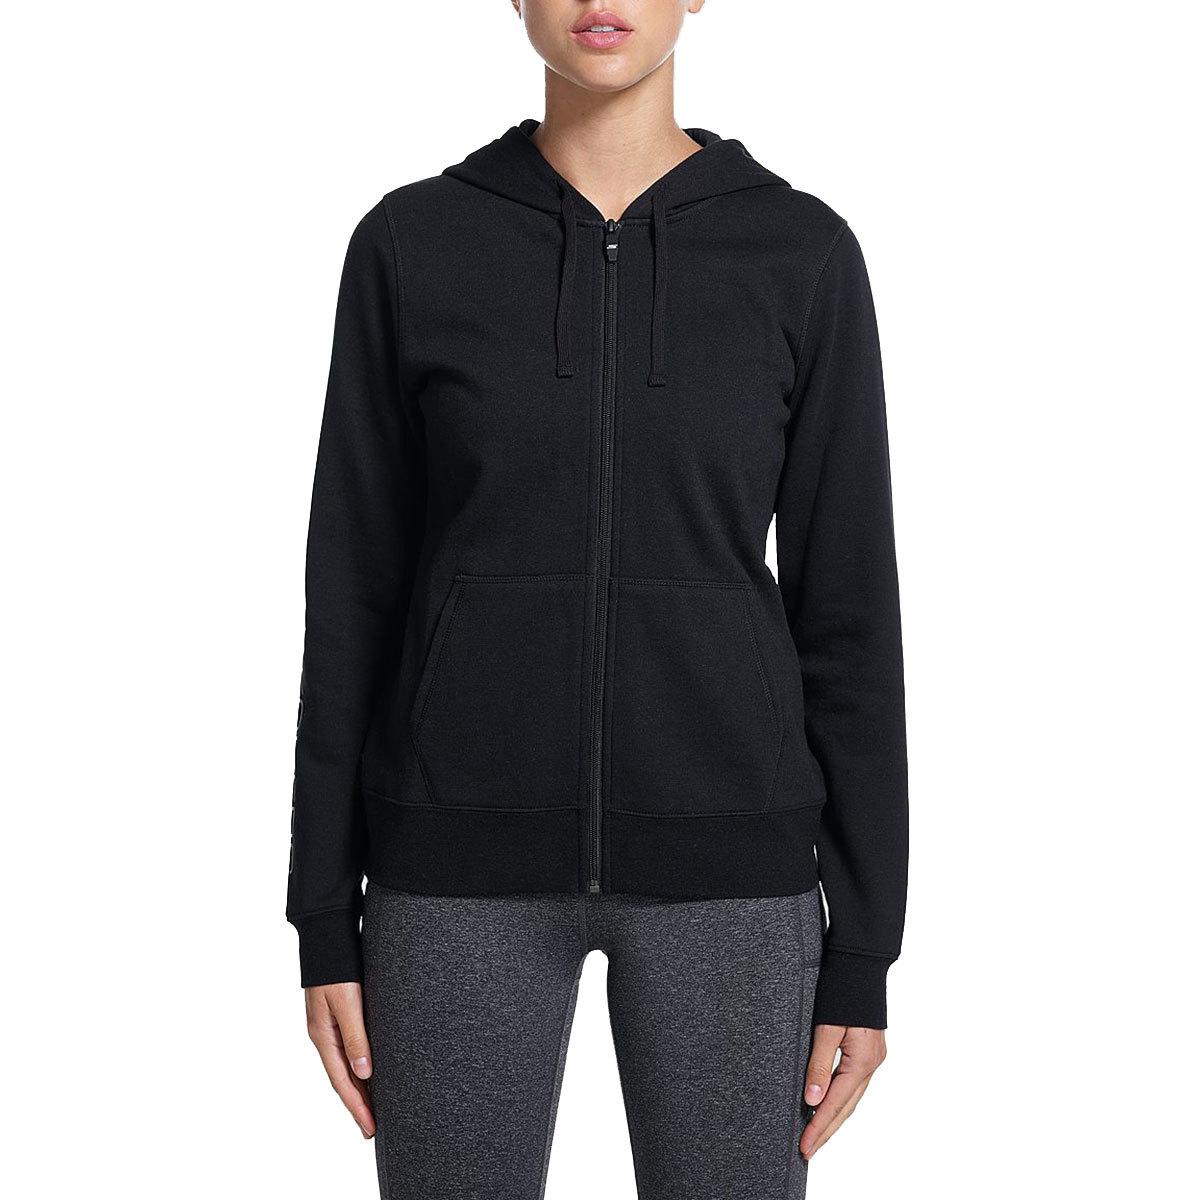 Skechers Women's Slumber Ii Zip Hoodie - Black, XL